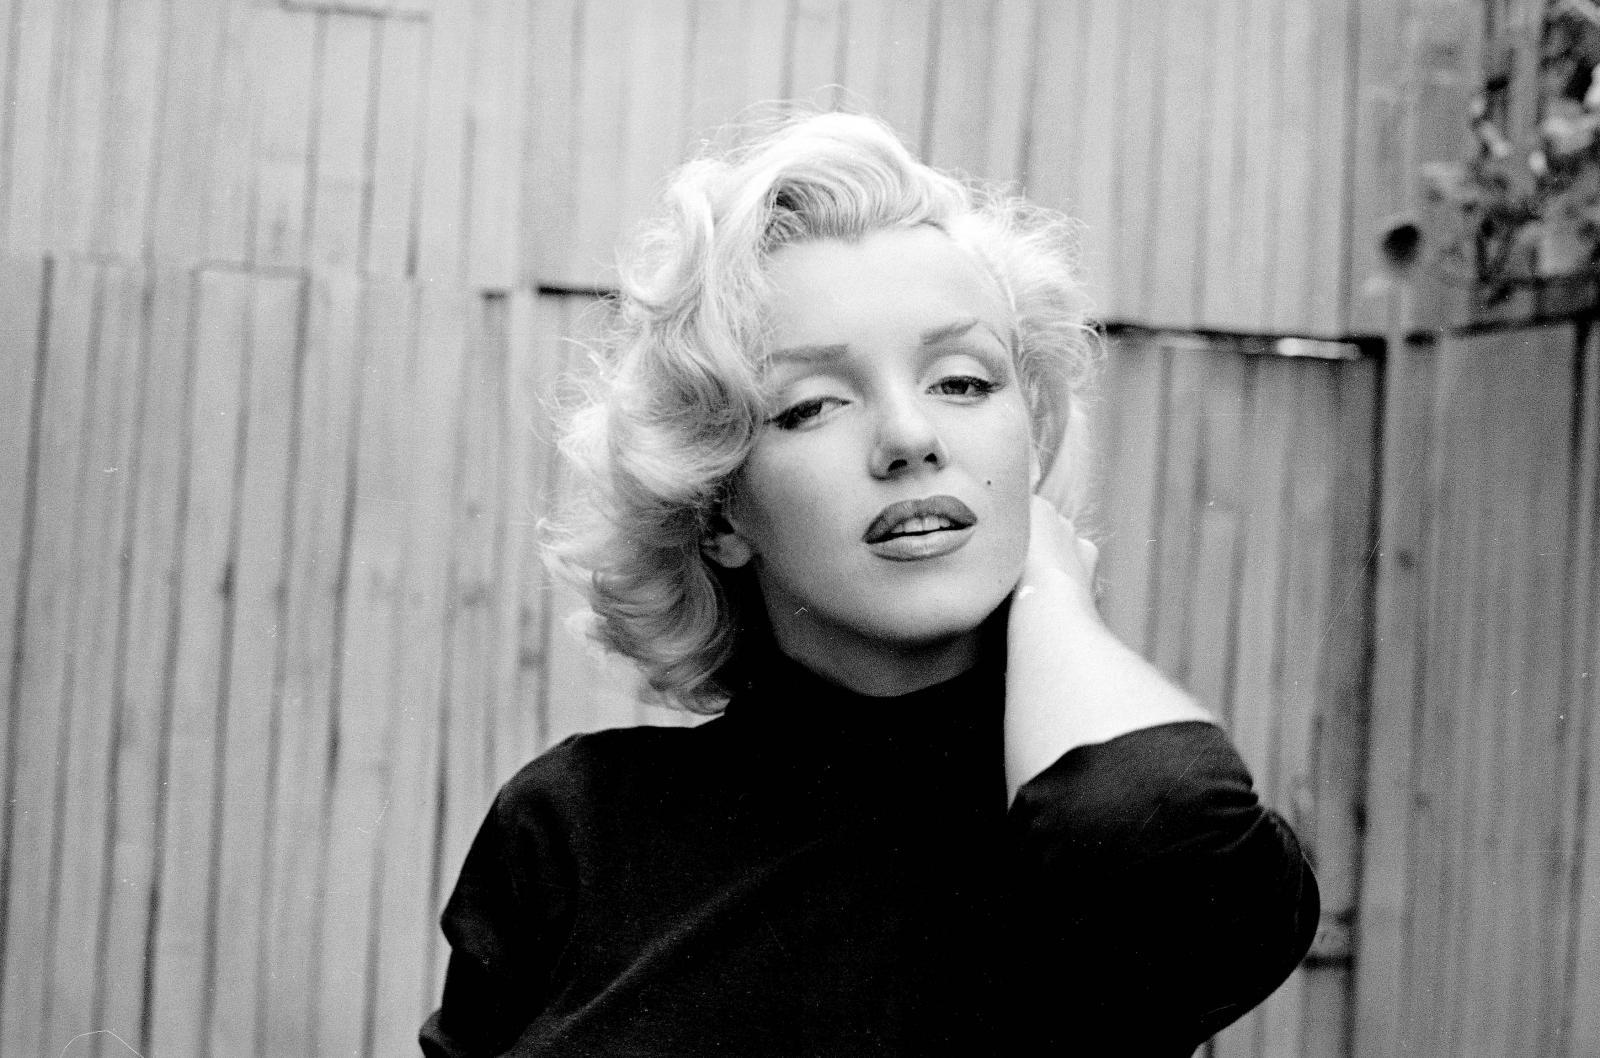 Последние фотографии Мэрилин Монро купили за 41 тысячу долларов рекомендации